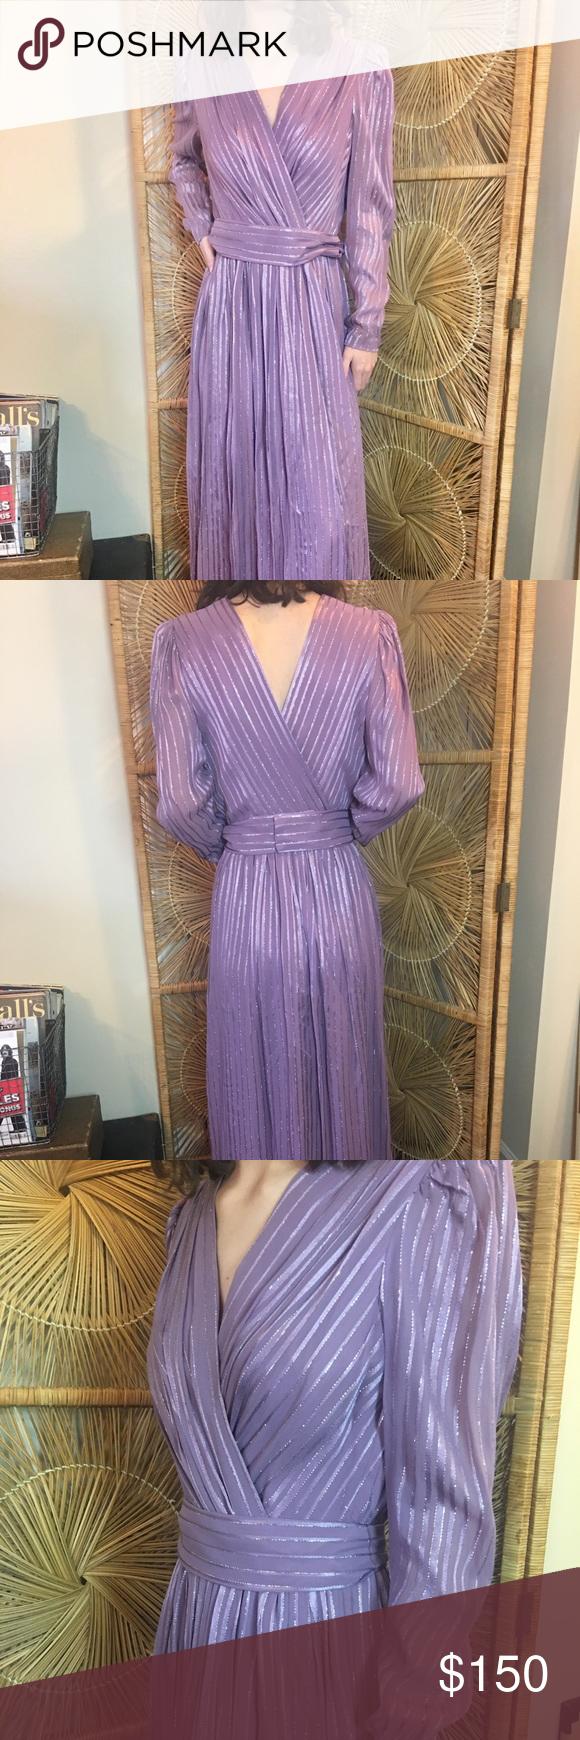 Vintage 70s Purple Silver V Neck Belted Maxi Dress Vintage Maxi Dress Dresses Vintage Dresses [ 1740 x 580 Pixel ]